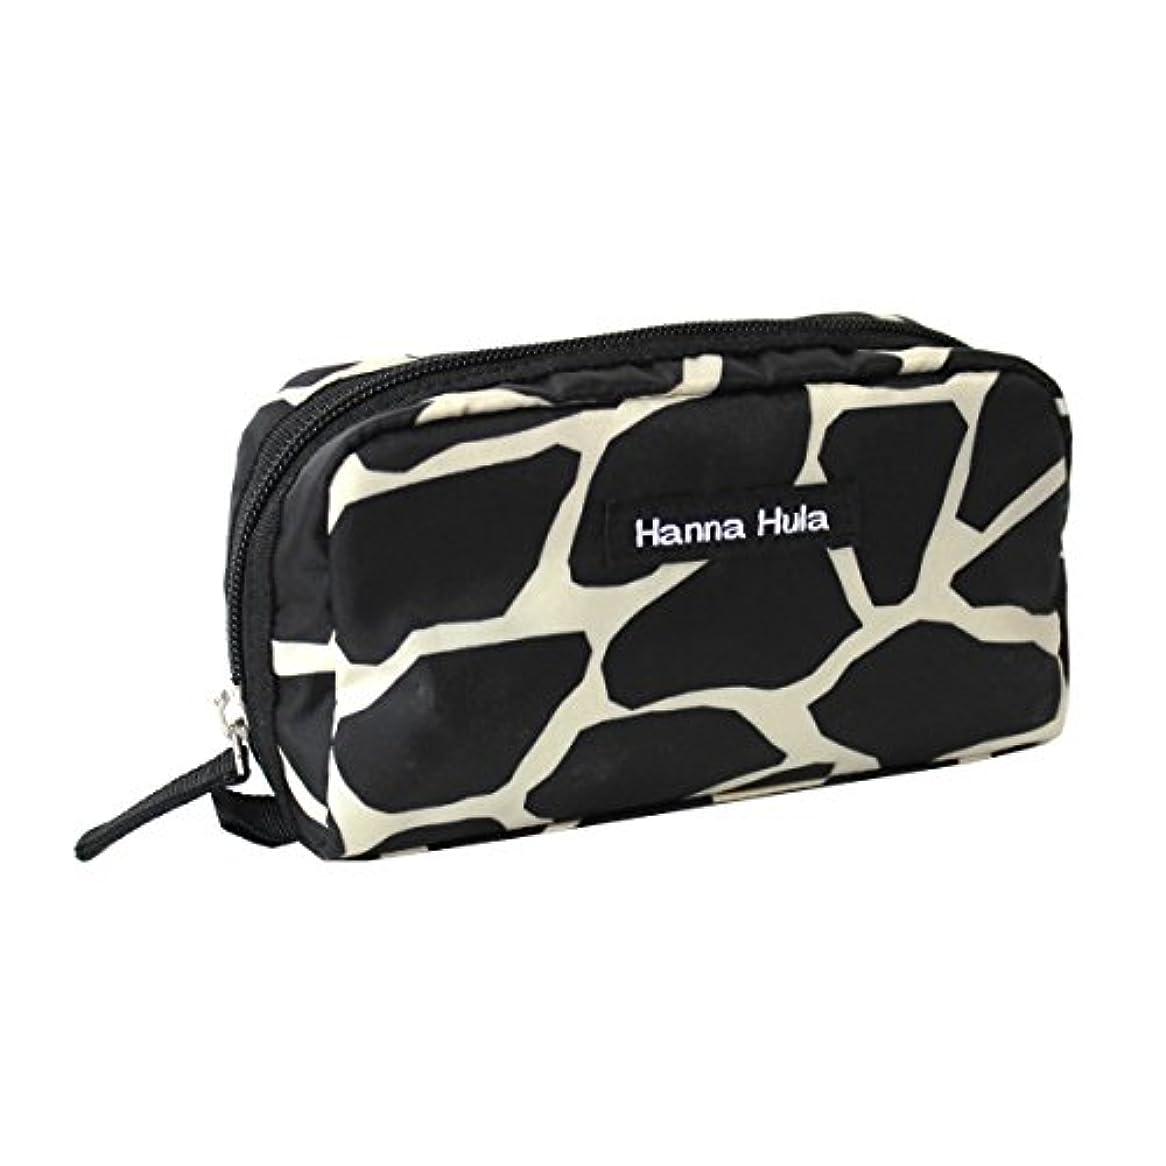 王室薬局部分Hanna Hula ペット ミニポーチ ポケット付き 軽量 ジラフブラック 横17×縦9×奥行き5cm 61g